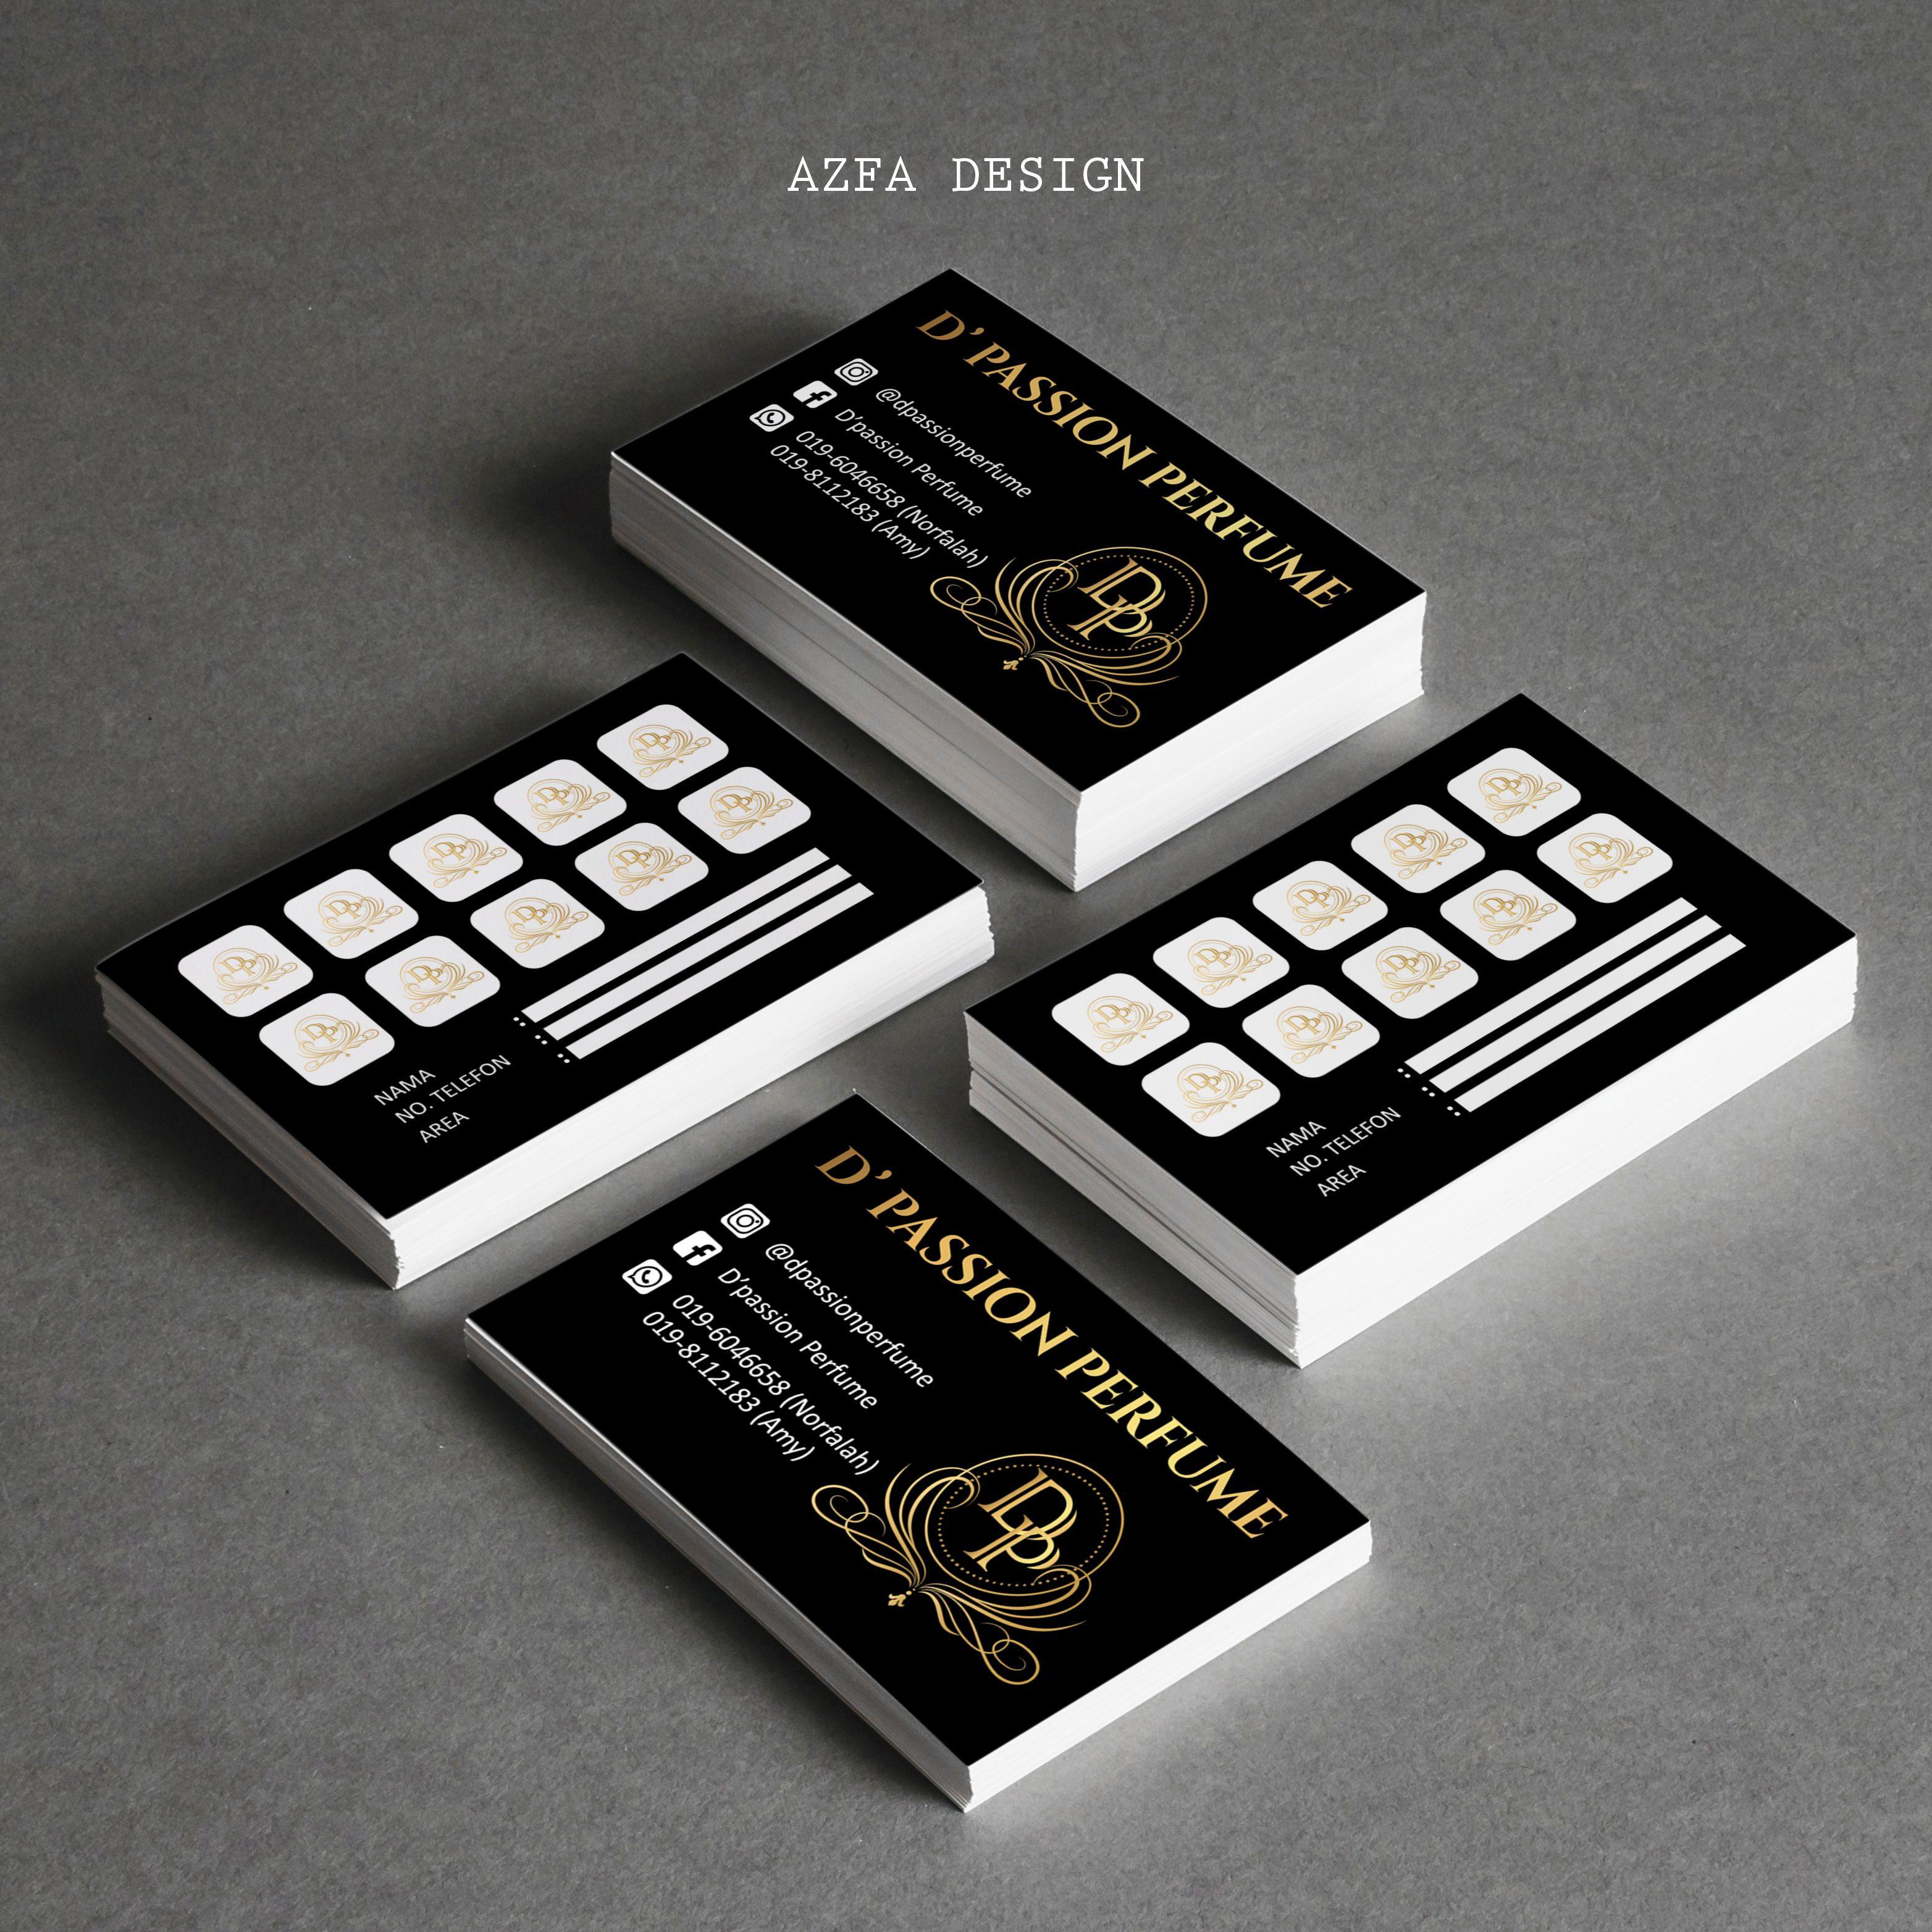 Azfadesign Bisneskaddesign Ha Belum Ada Lagi Bisnes Kad Kenapa Perlu Ada Eh Wajib Ada Ke Segala Pers Passion Perfume Perfume Business Cards